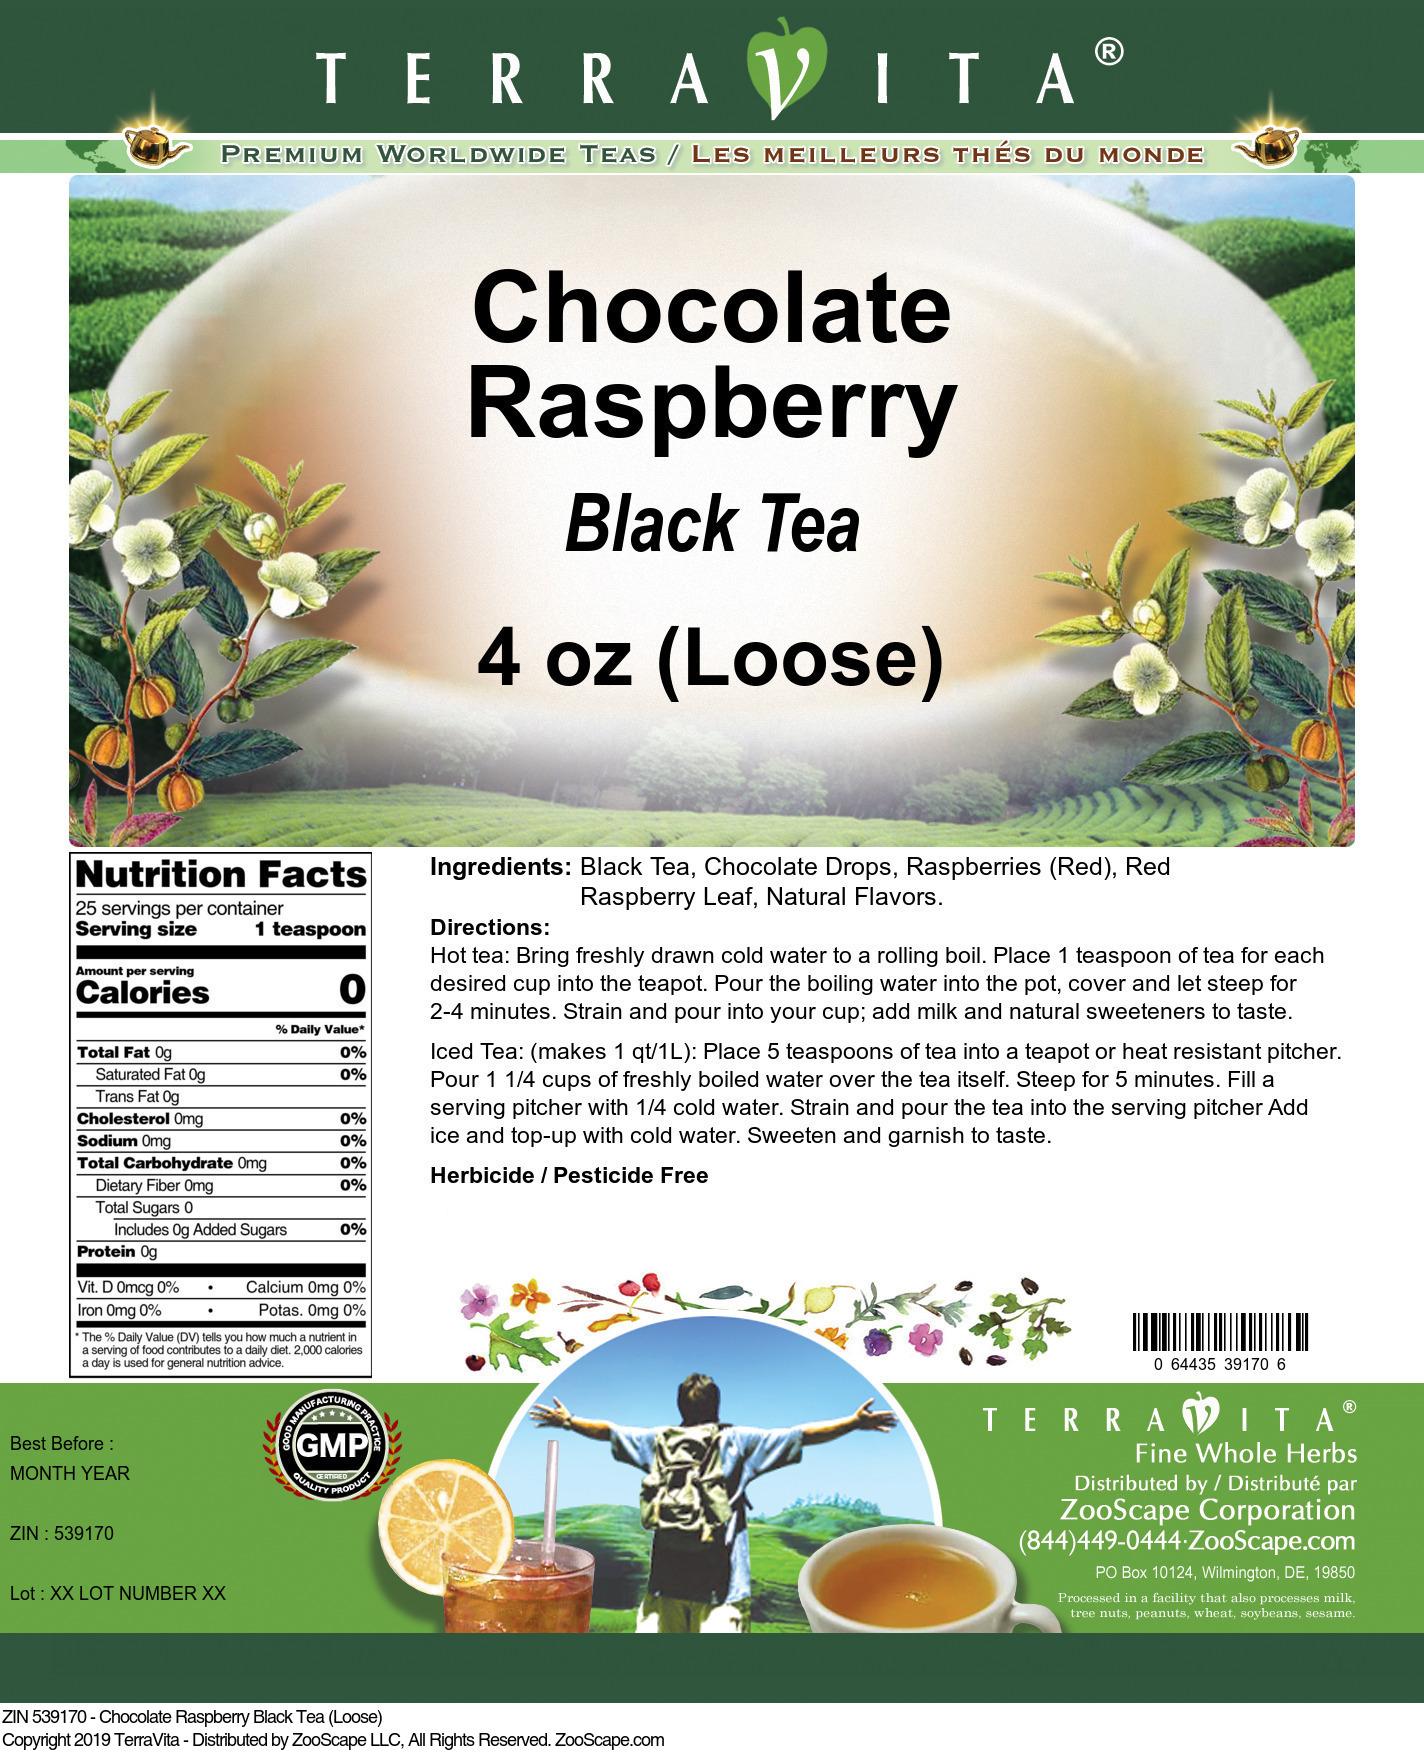 Chocolate Raspberry Black Tea (Loose)